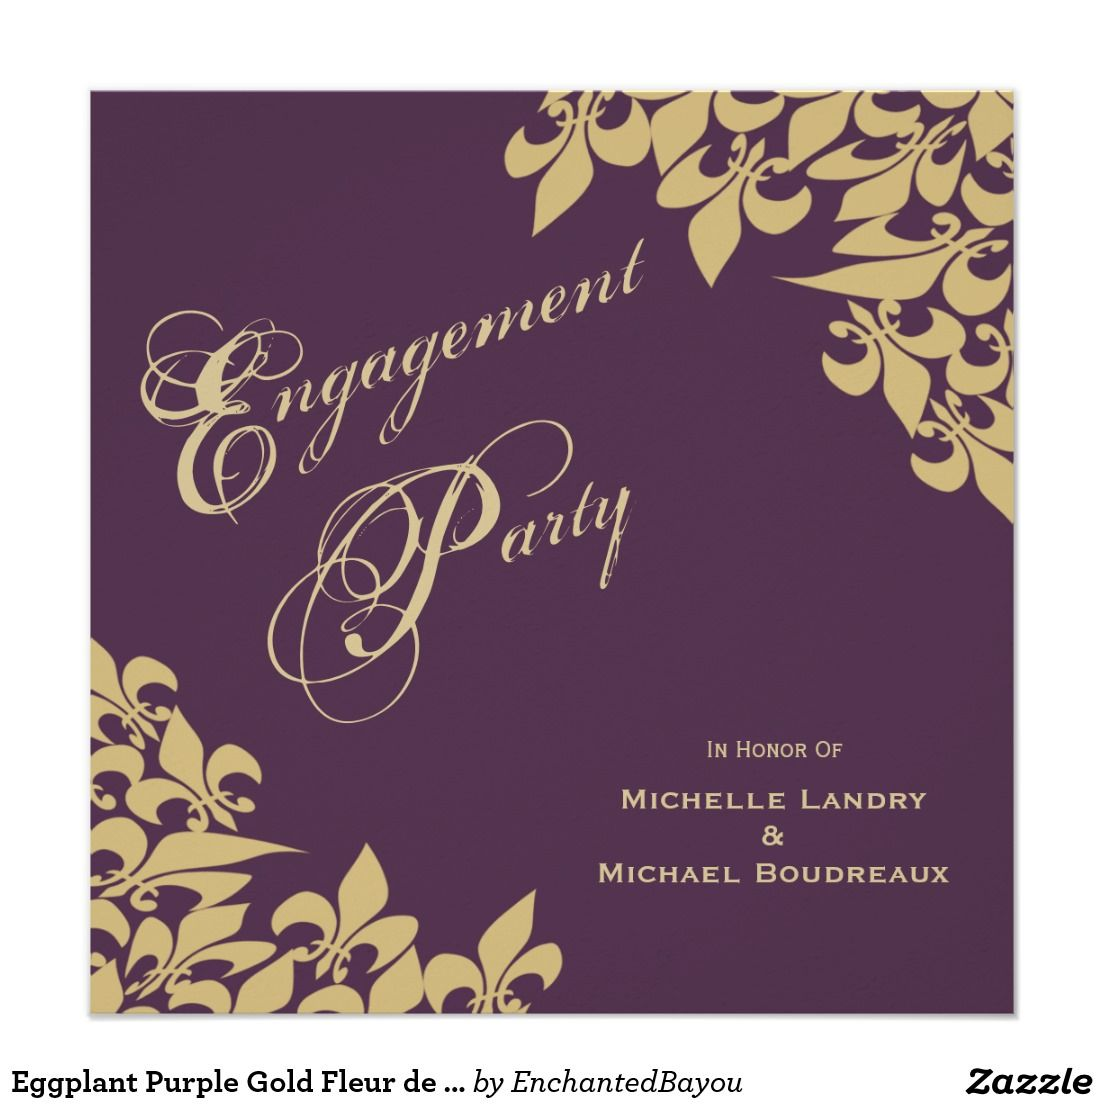 Eggplant Purple Gold Fleur De Lis Engagement Party Card Purple